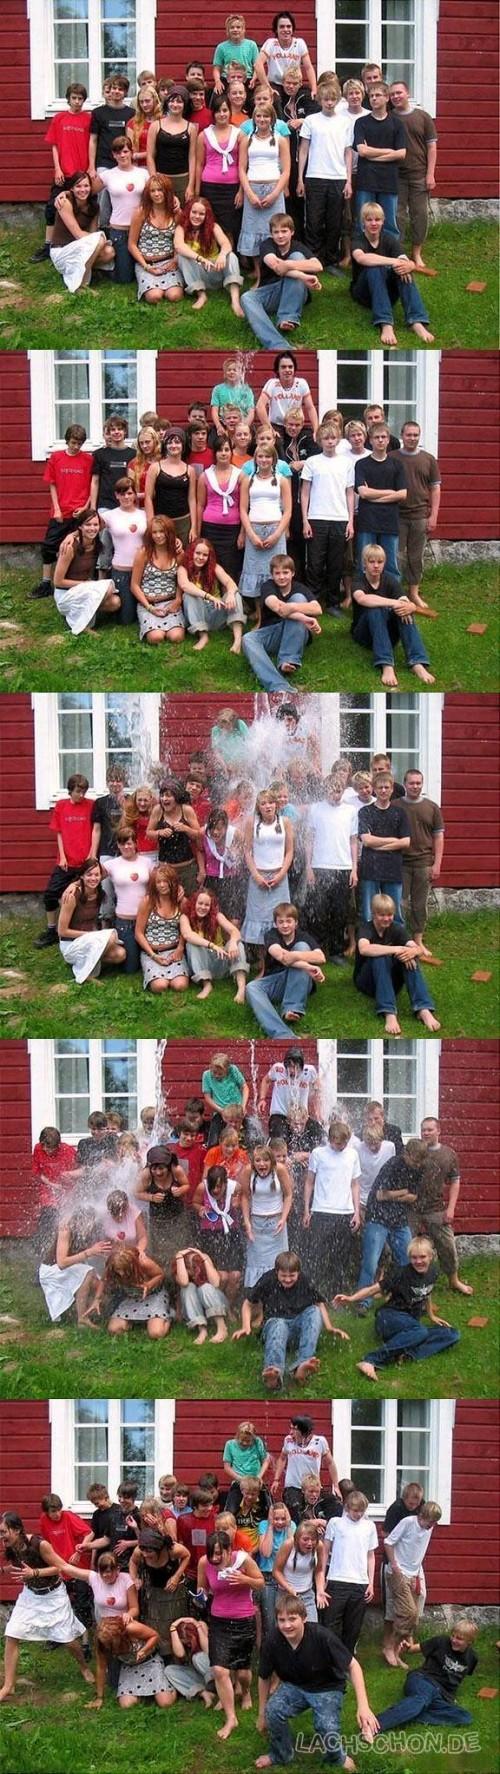 hornoxe.com_picdump119_13